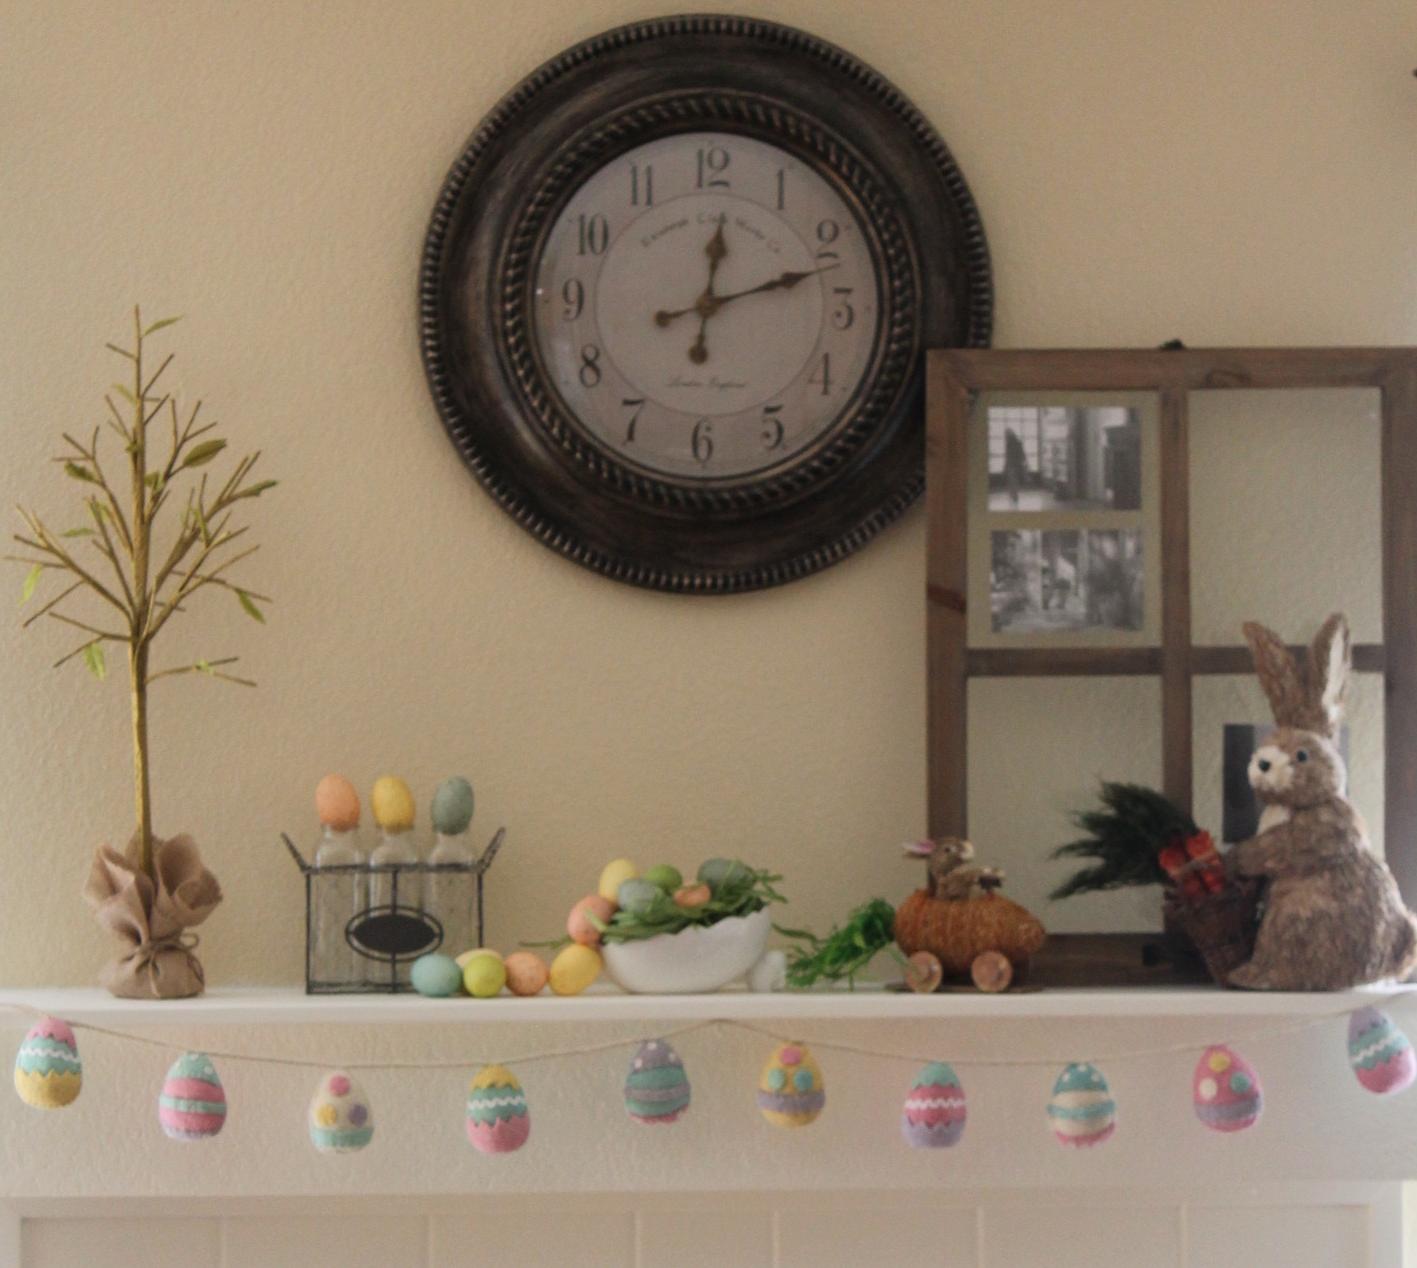 Maritza's Easter Mantel